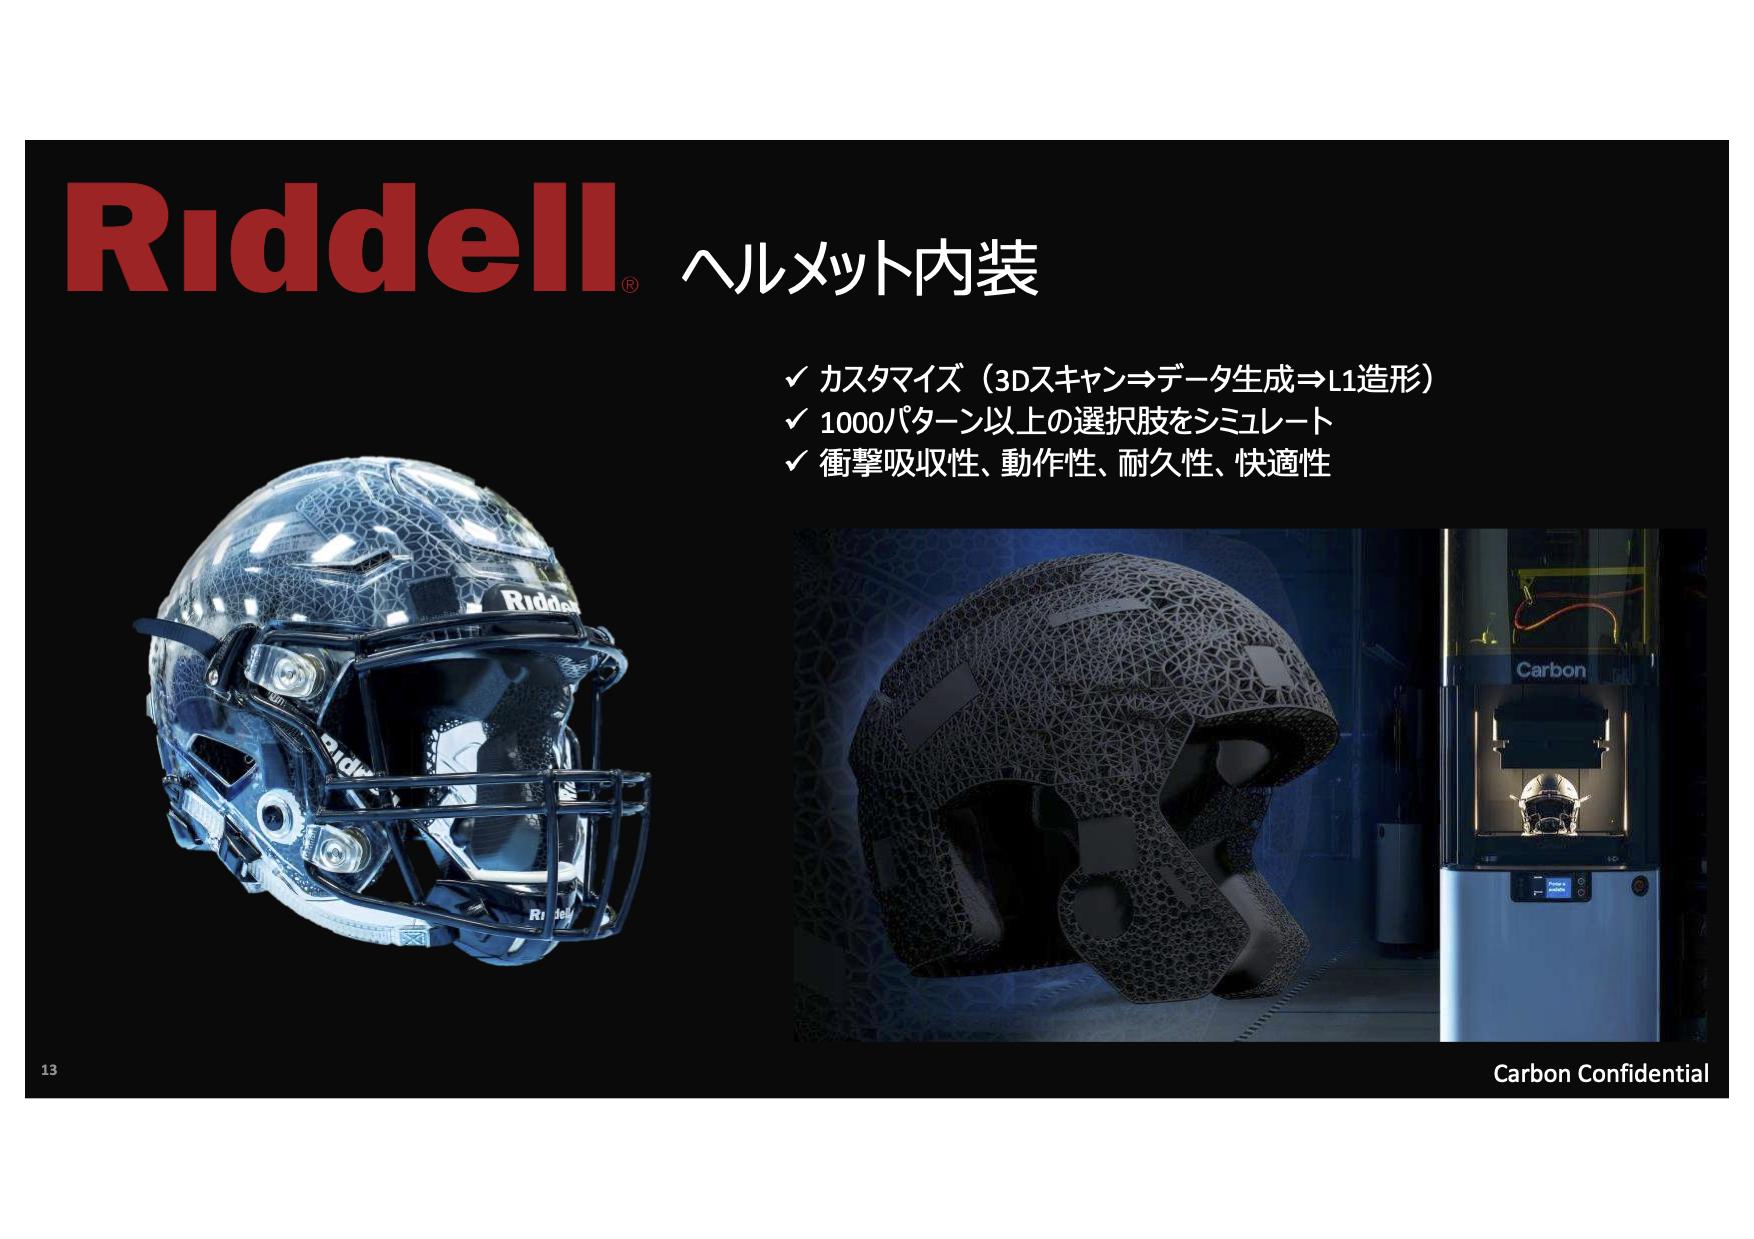 Riddell ヘルメット内装の事例